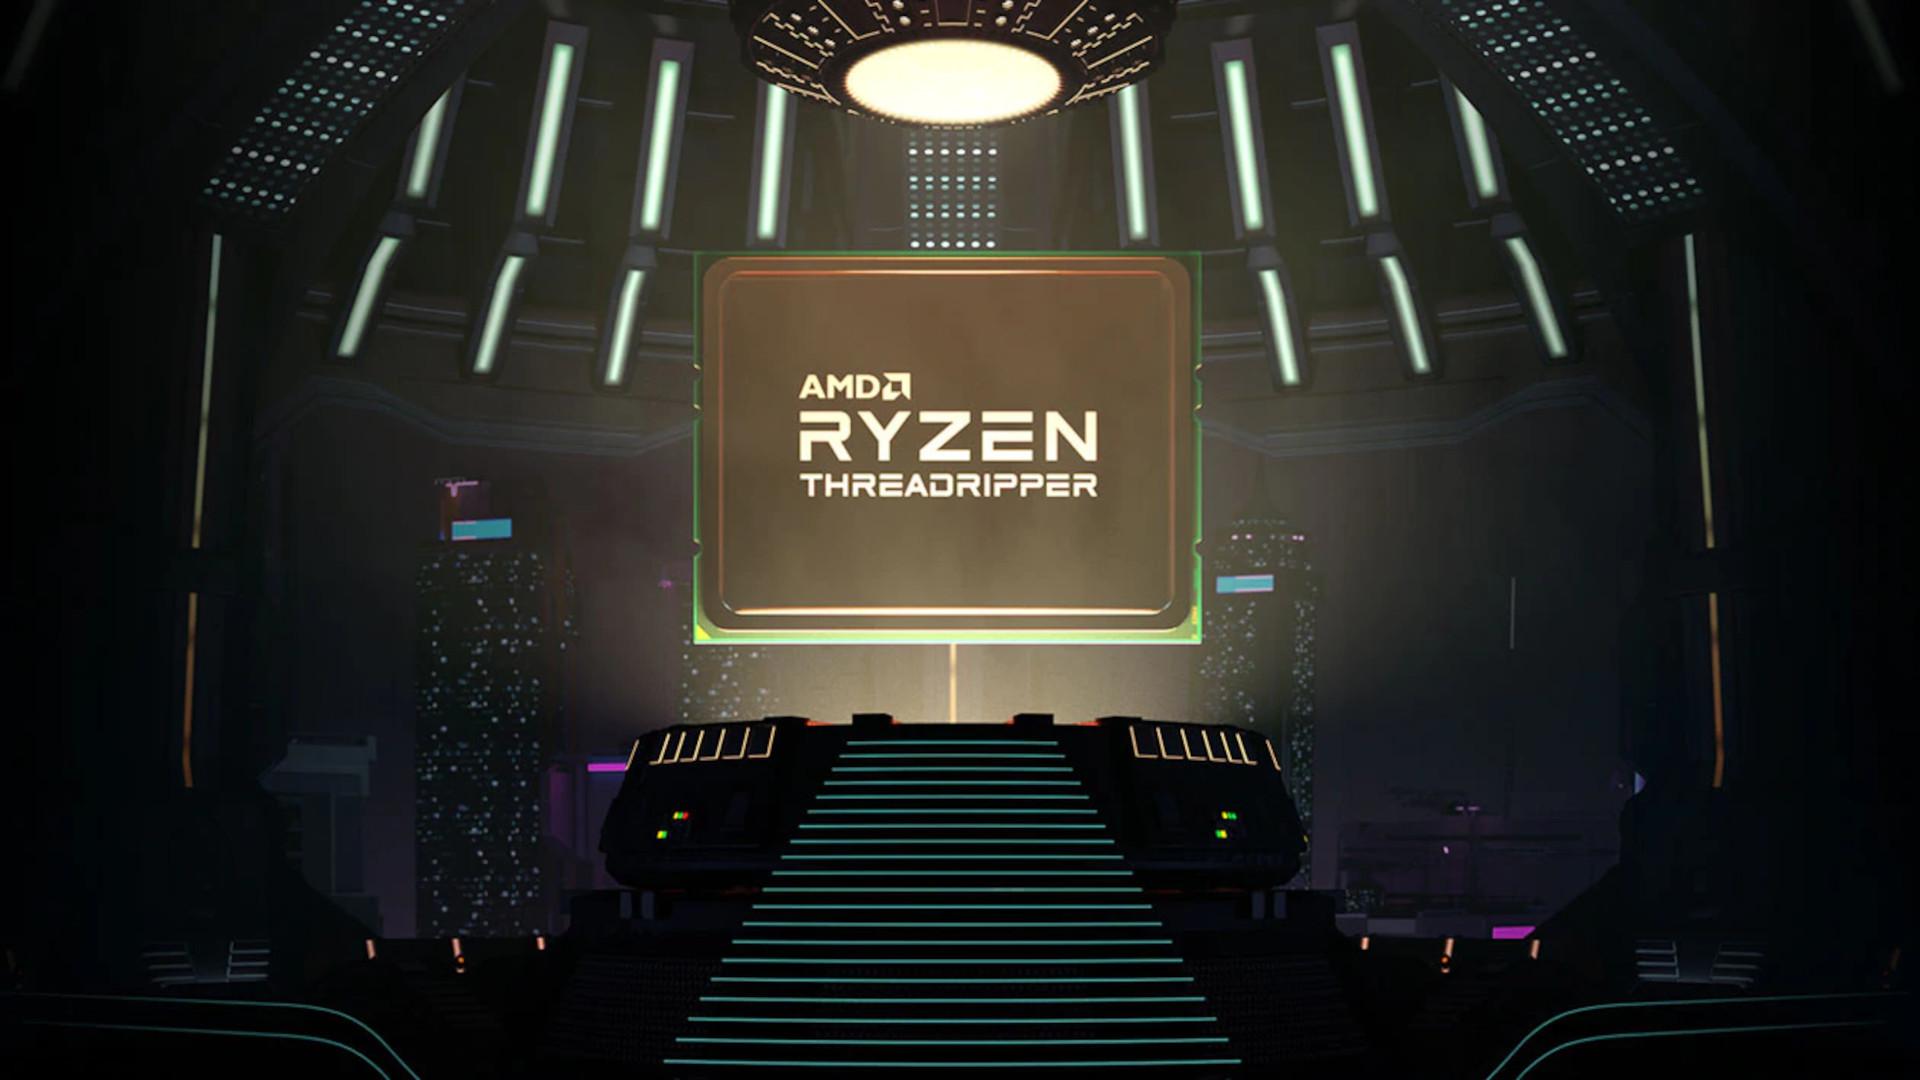 AMD Ryzen Threadripper 5000 release rumoured to be delayed to next year